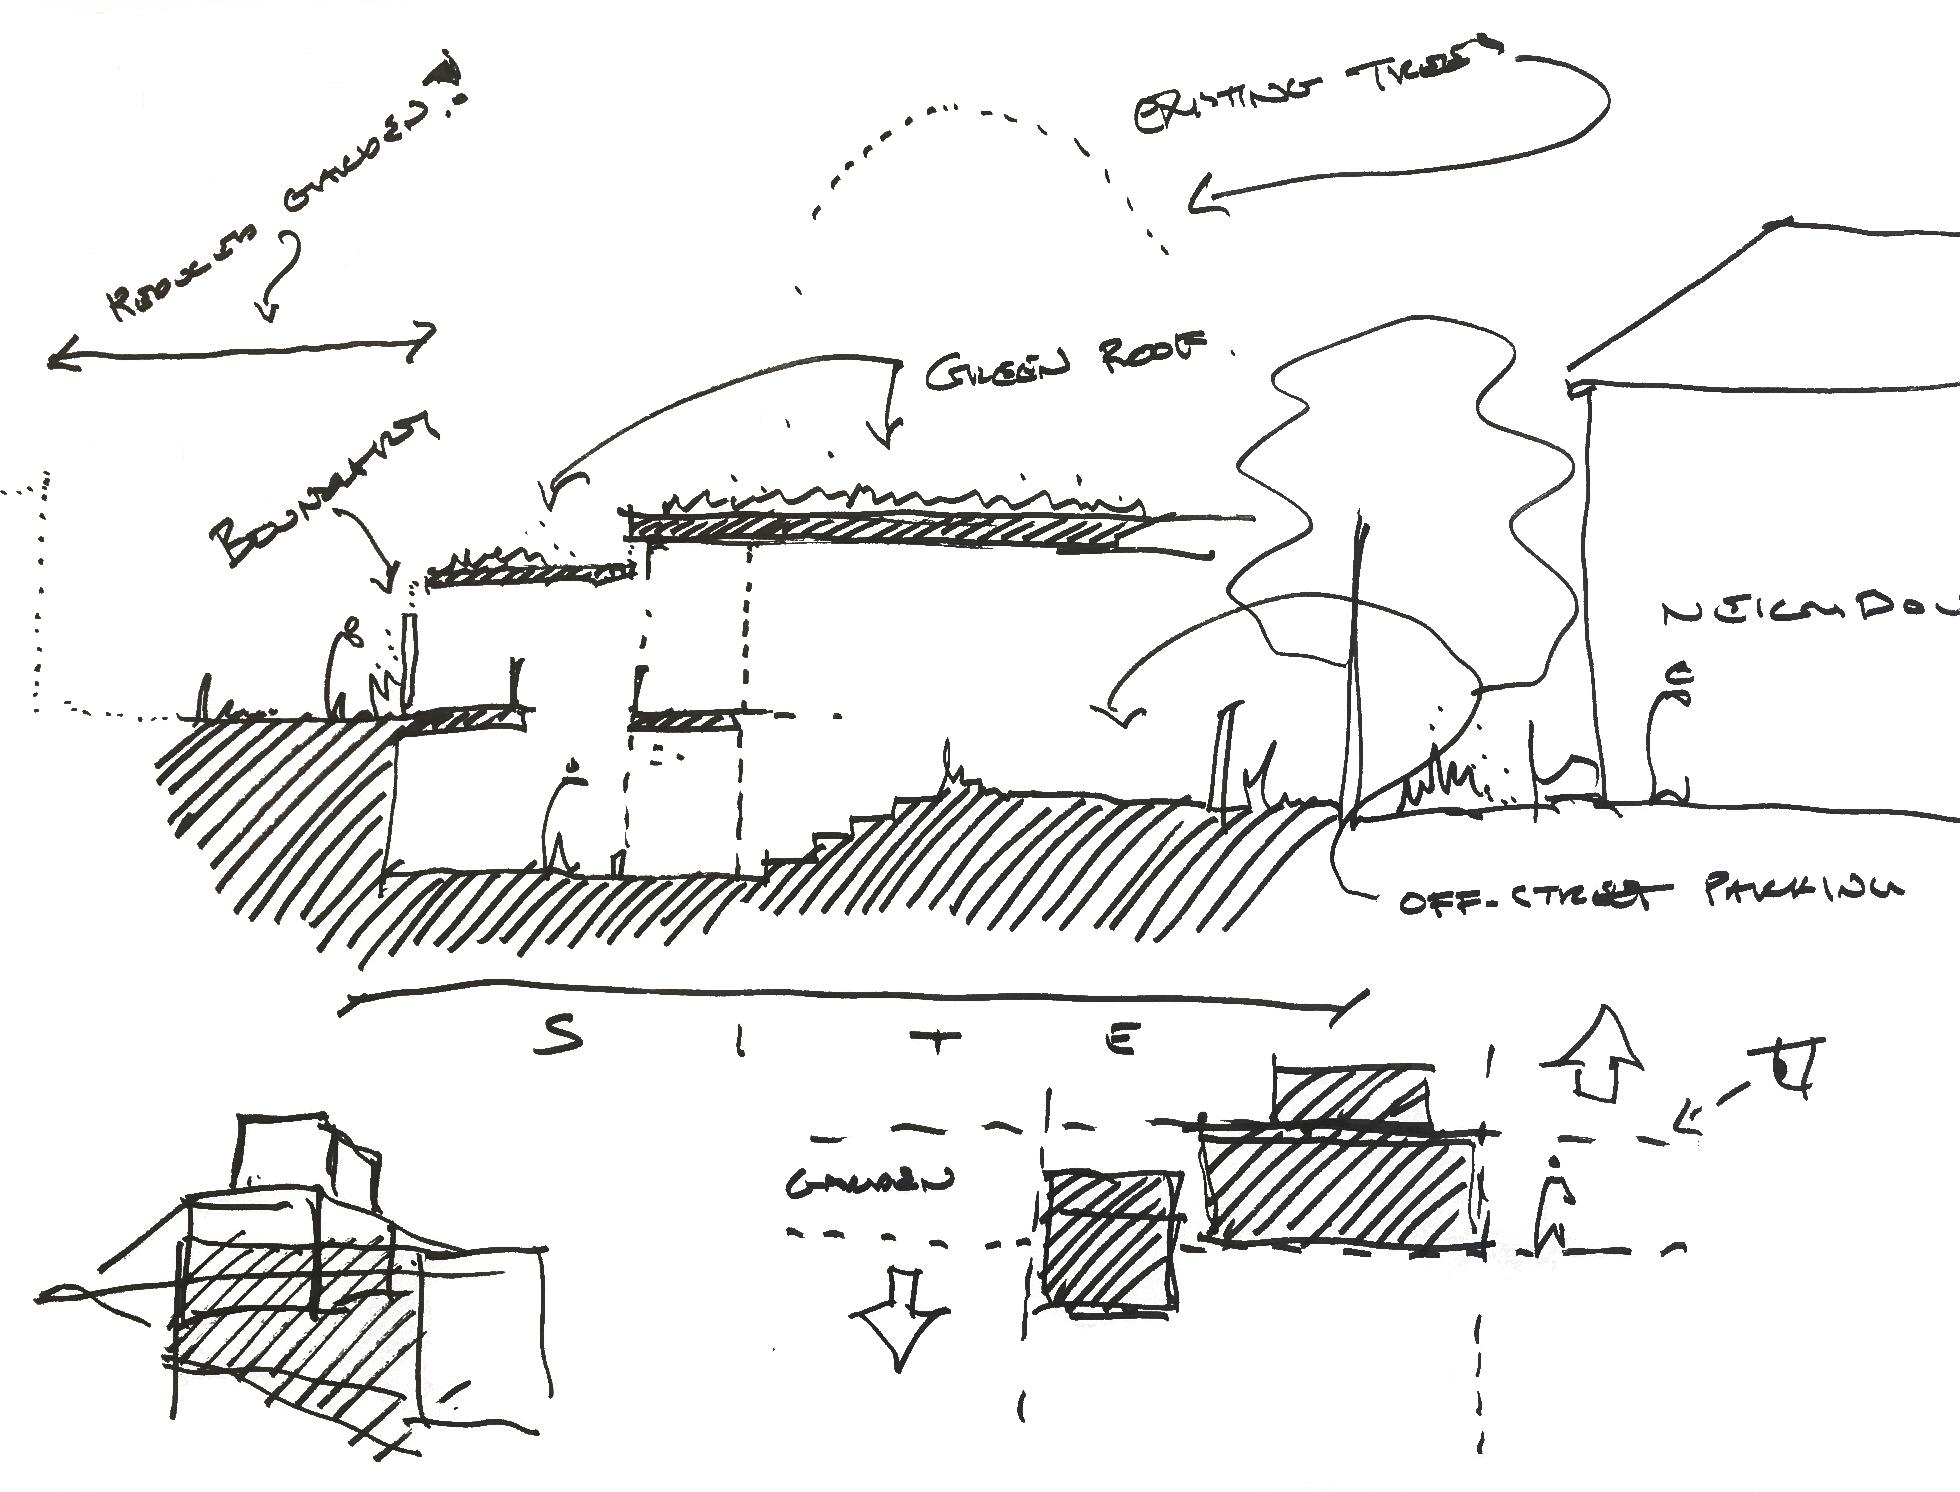 kingsmead sketch 01.jpg